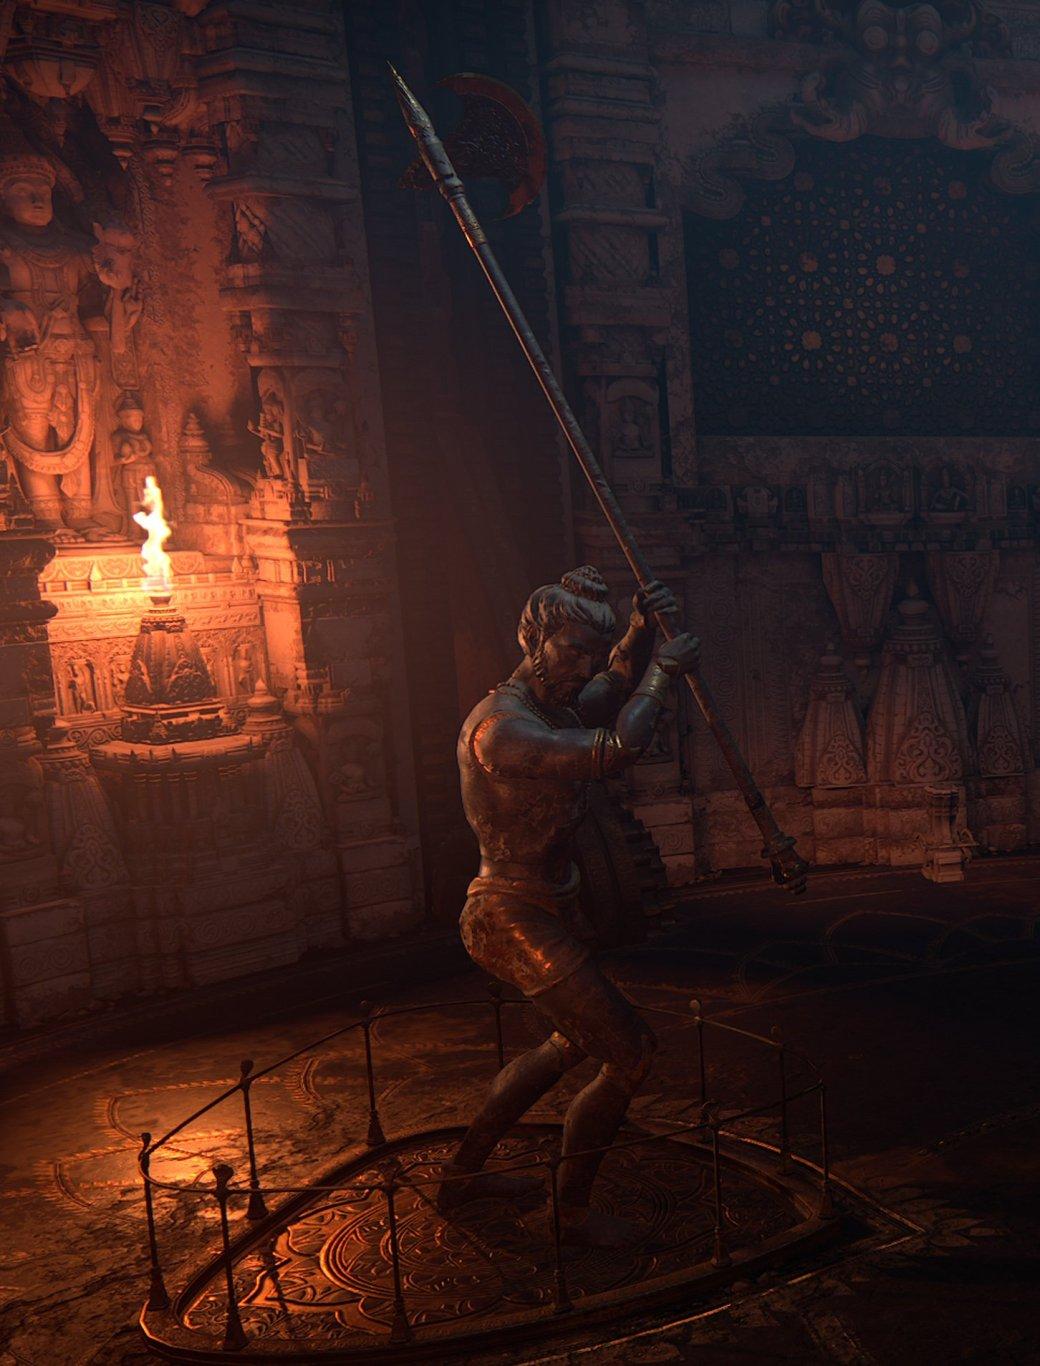 Индийская мифология и реальные места в Uncharted: The Lost Legacy | Канобу - Изображение 23